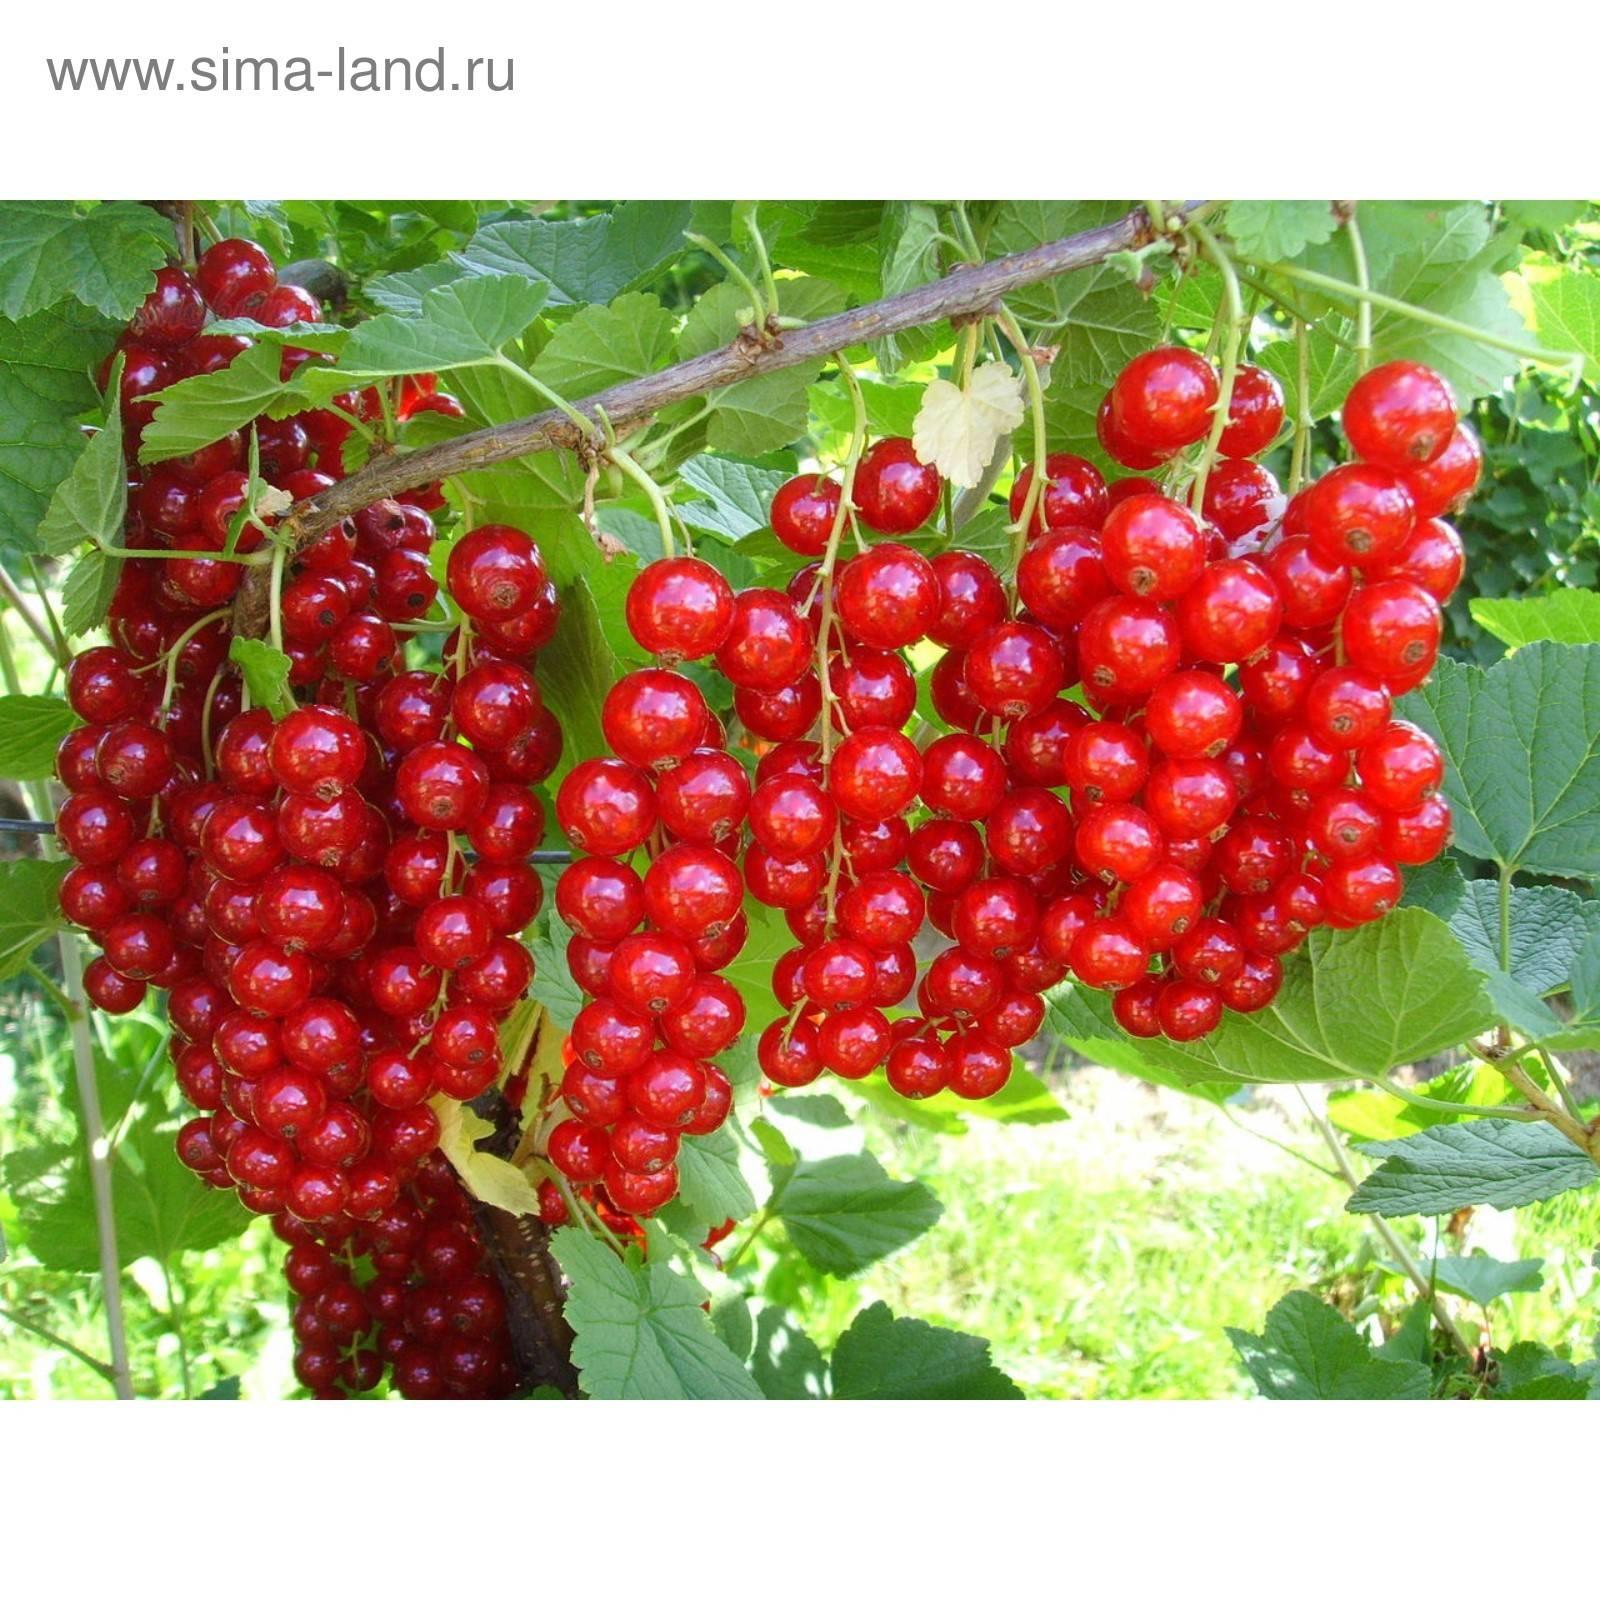 Красная смородина джонкер ван тетс